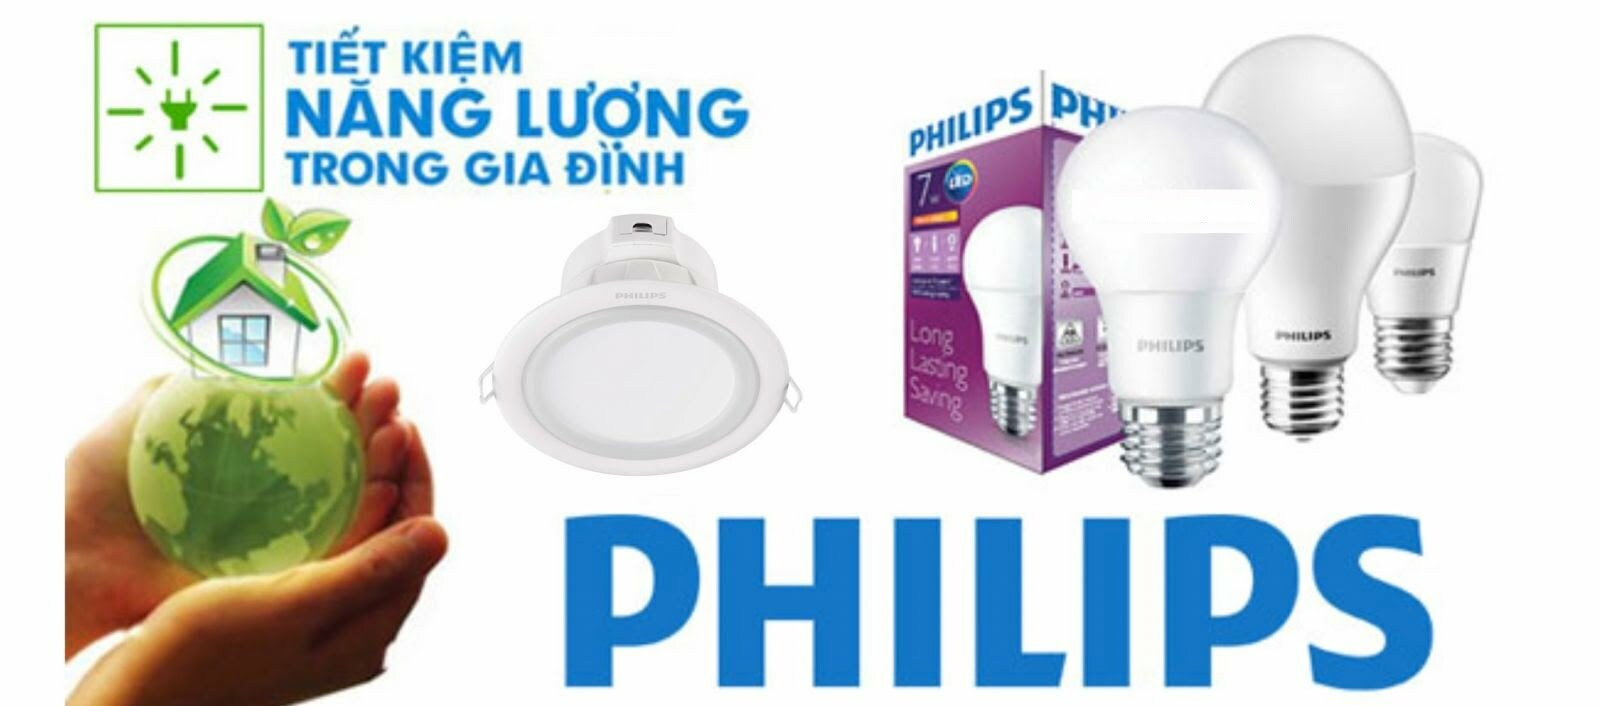 Cách chọn đèn led phù hợp